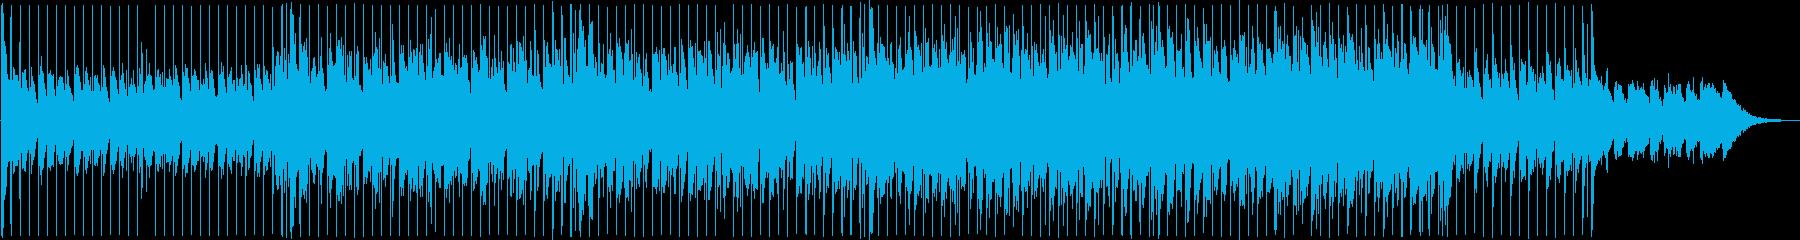 近未来的なテクノポップの再生済みの波形